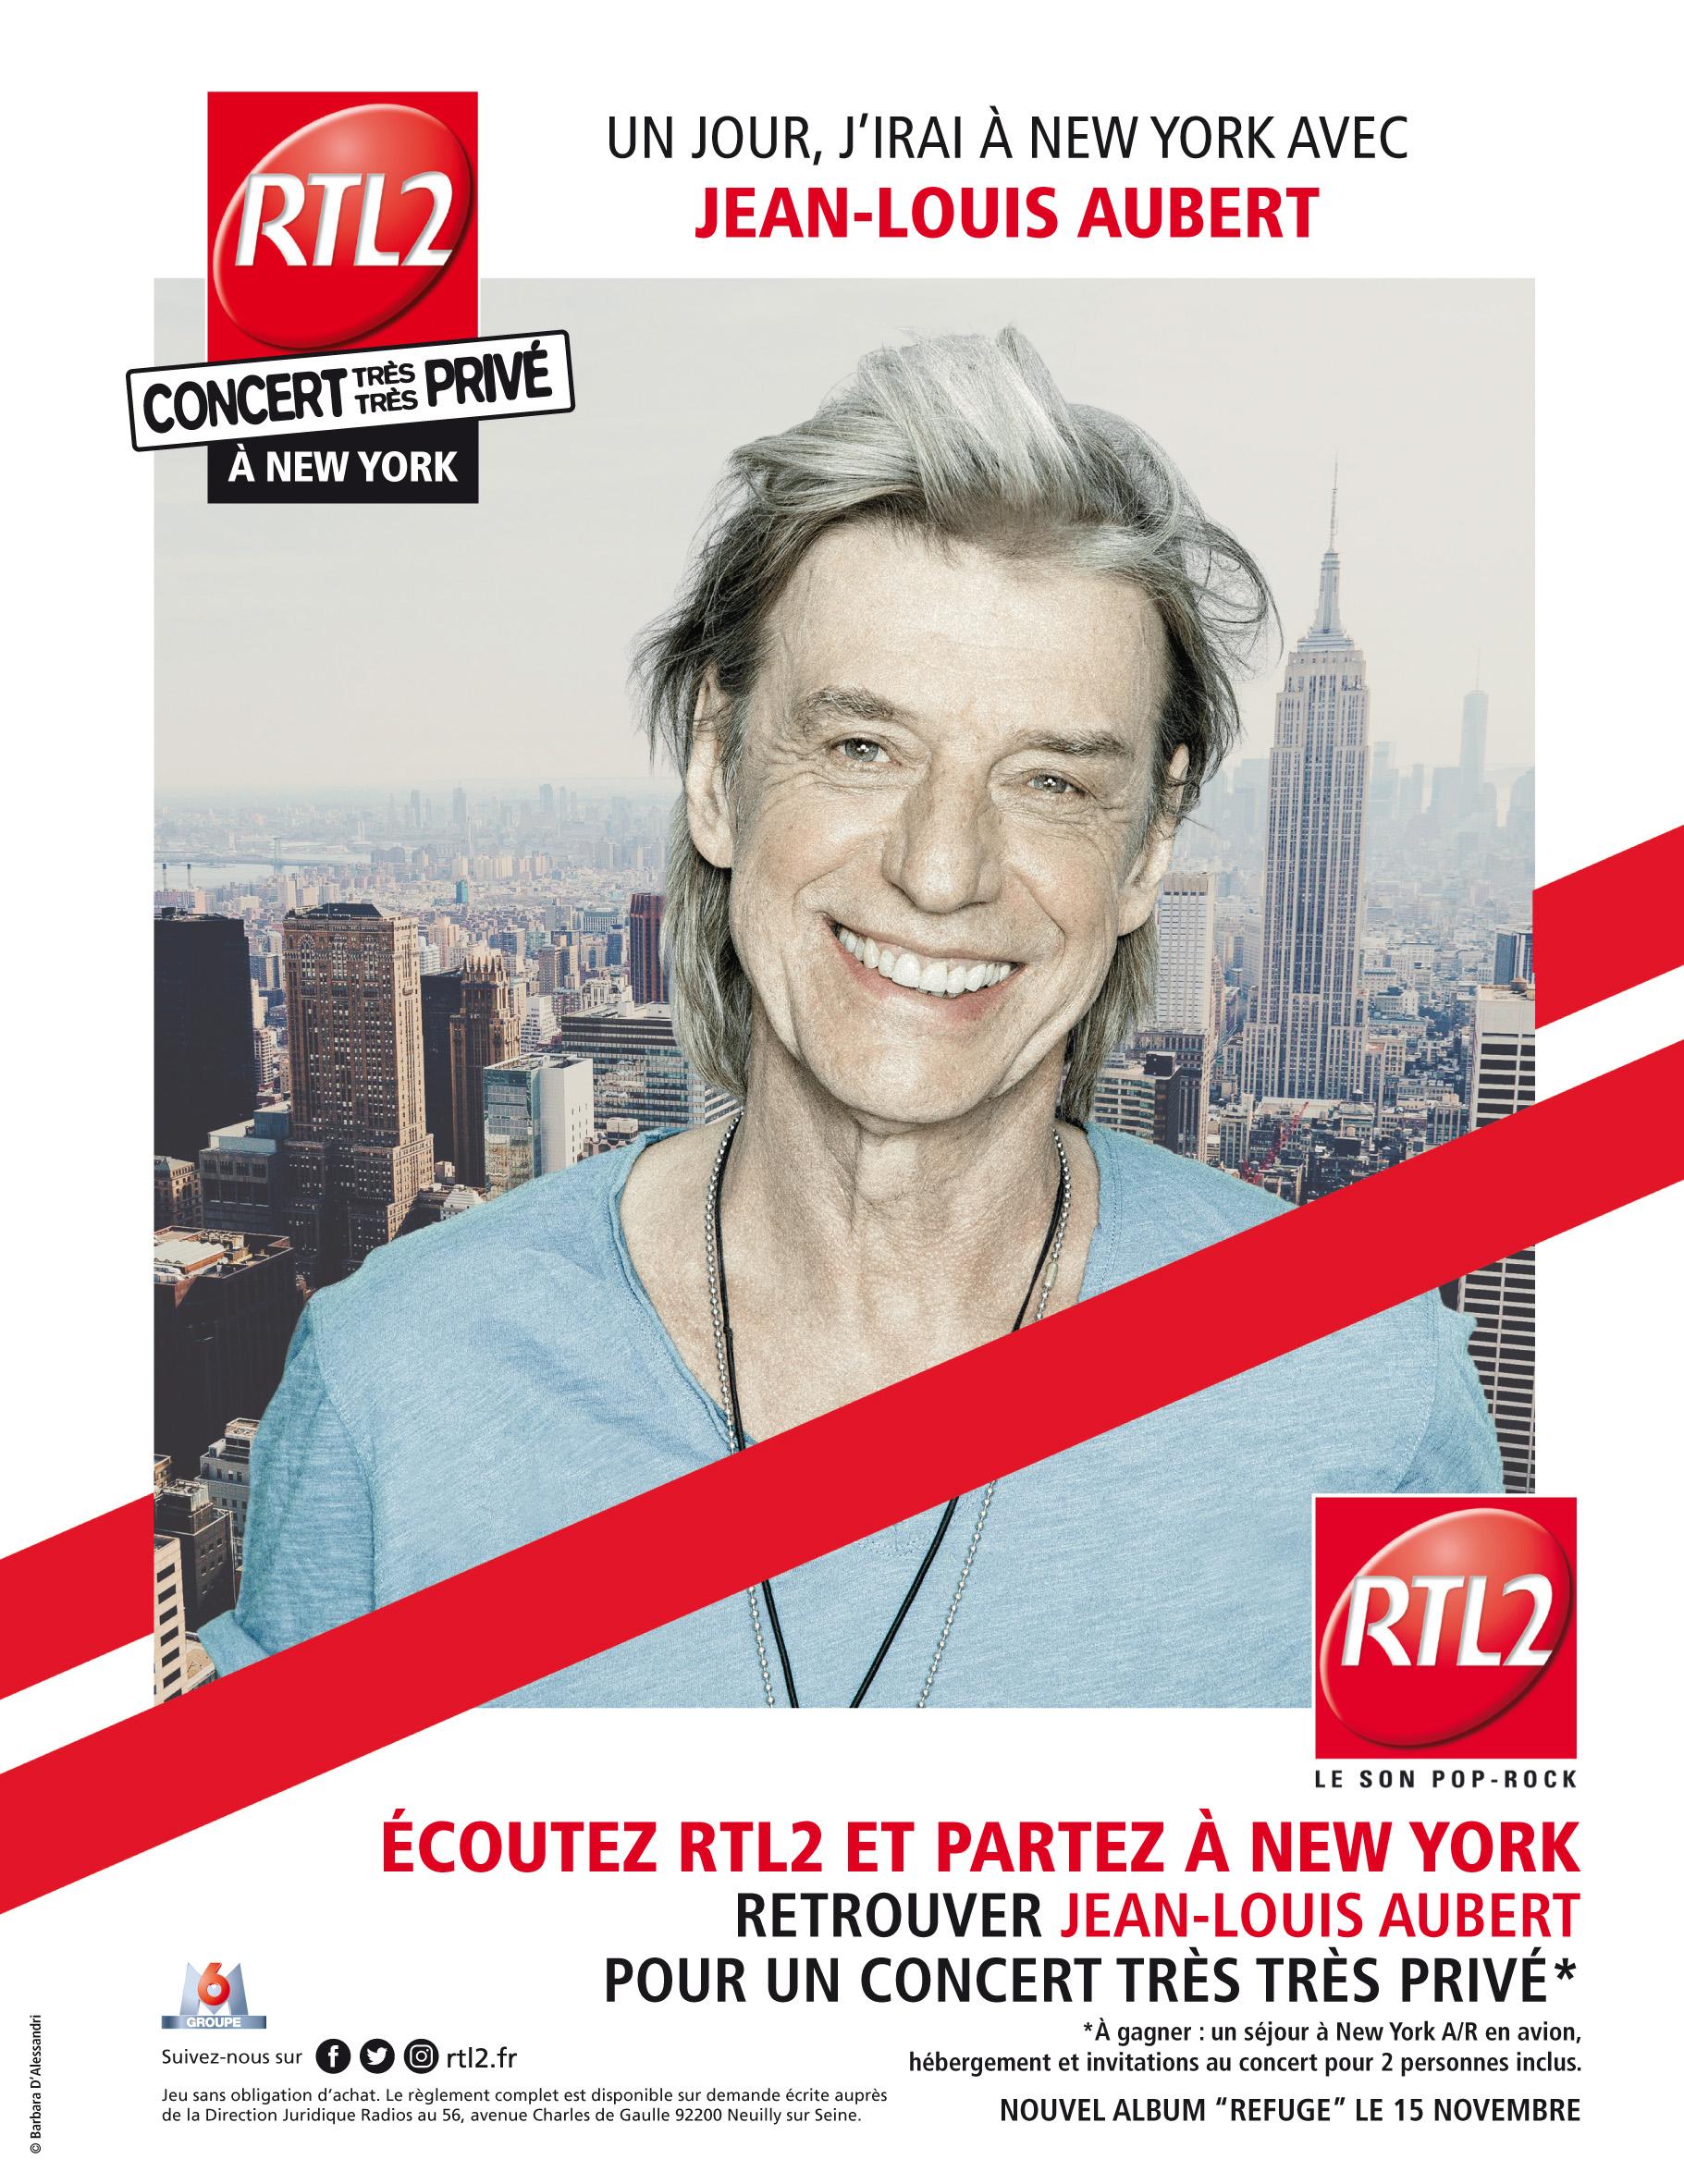 RTL2 en campagne avec Jean-Louis Aubert